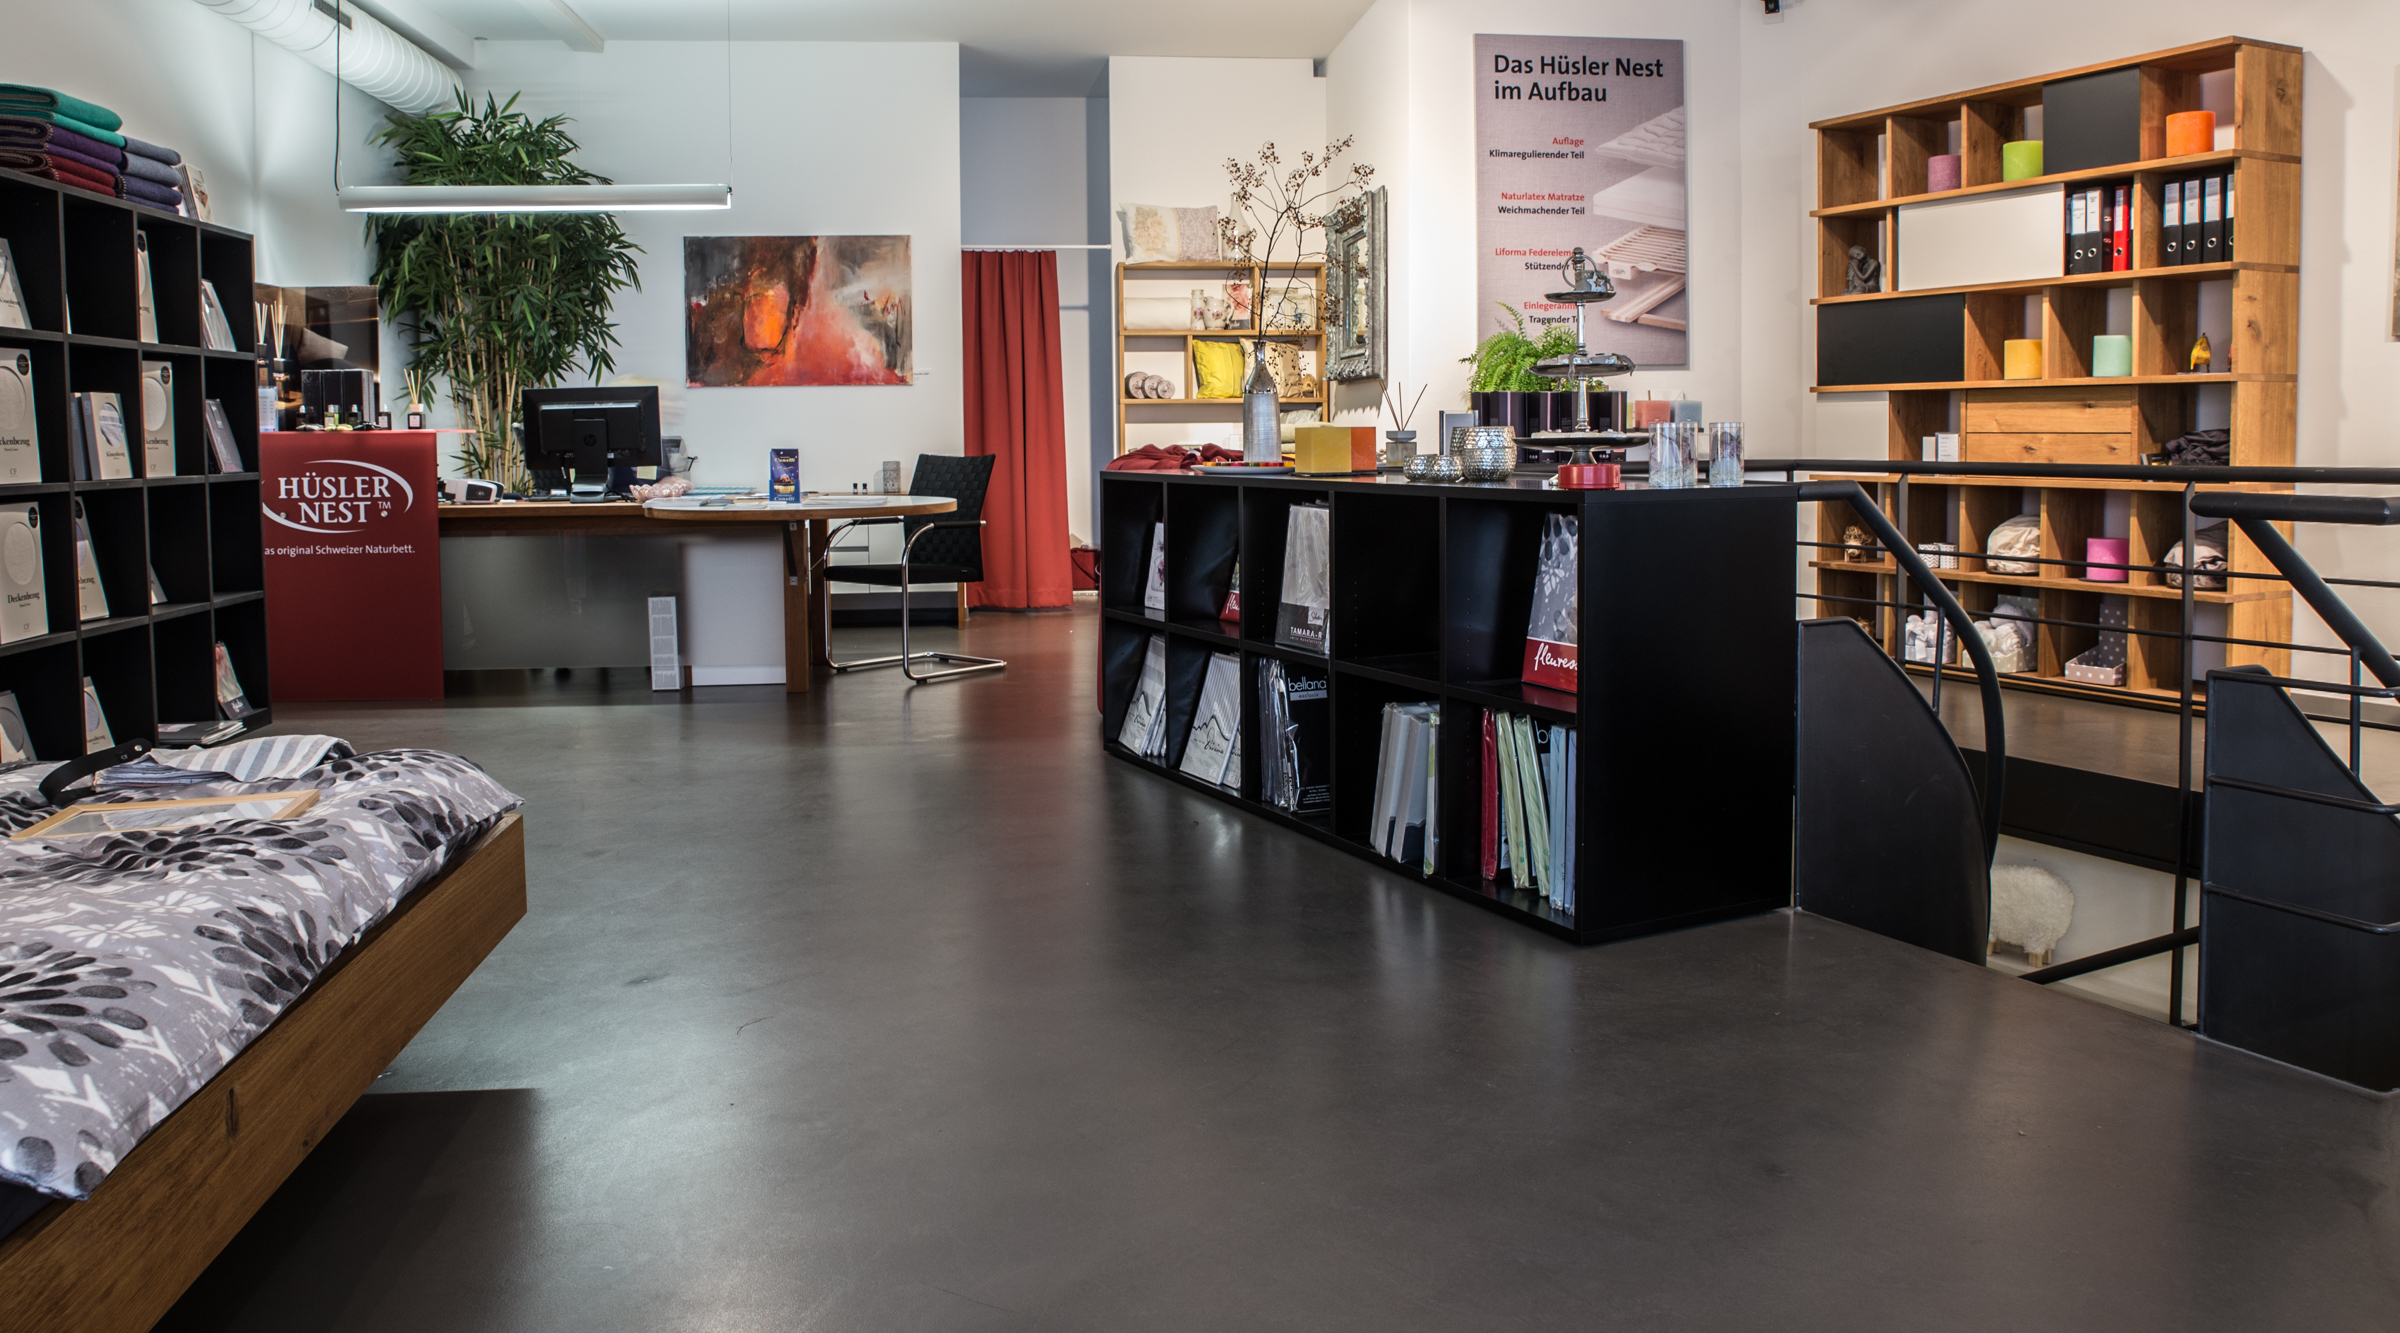 Hüsler Nest - Natürlicher Talalay-Latex-Kissengeschäft in Zürich Zürich